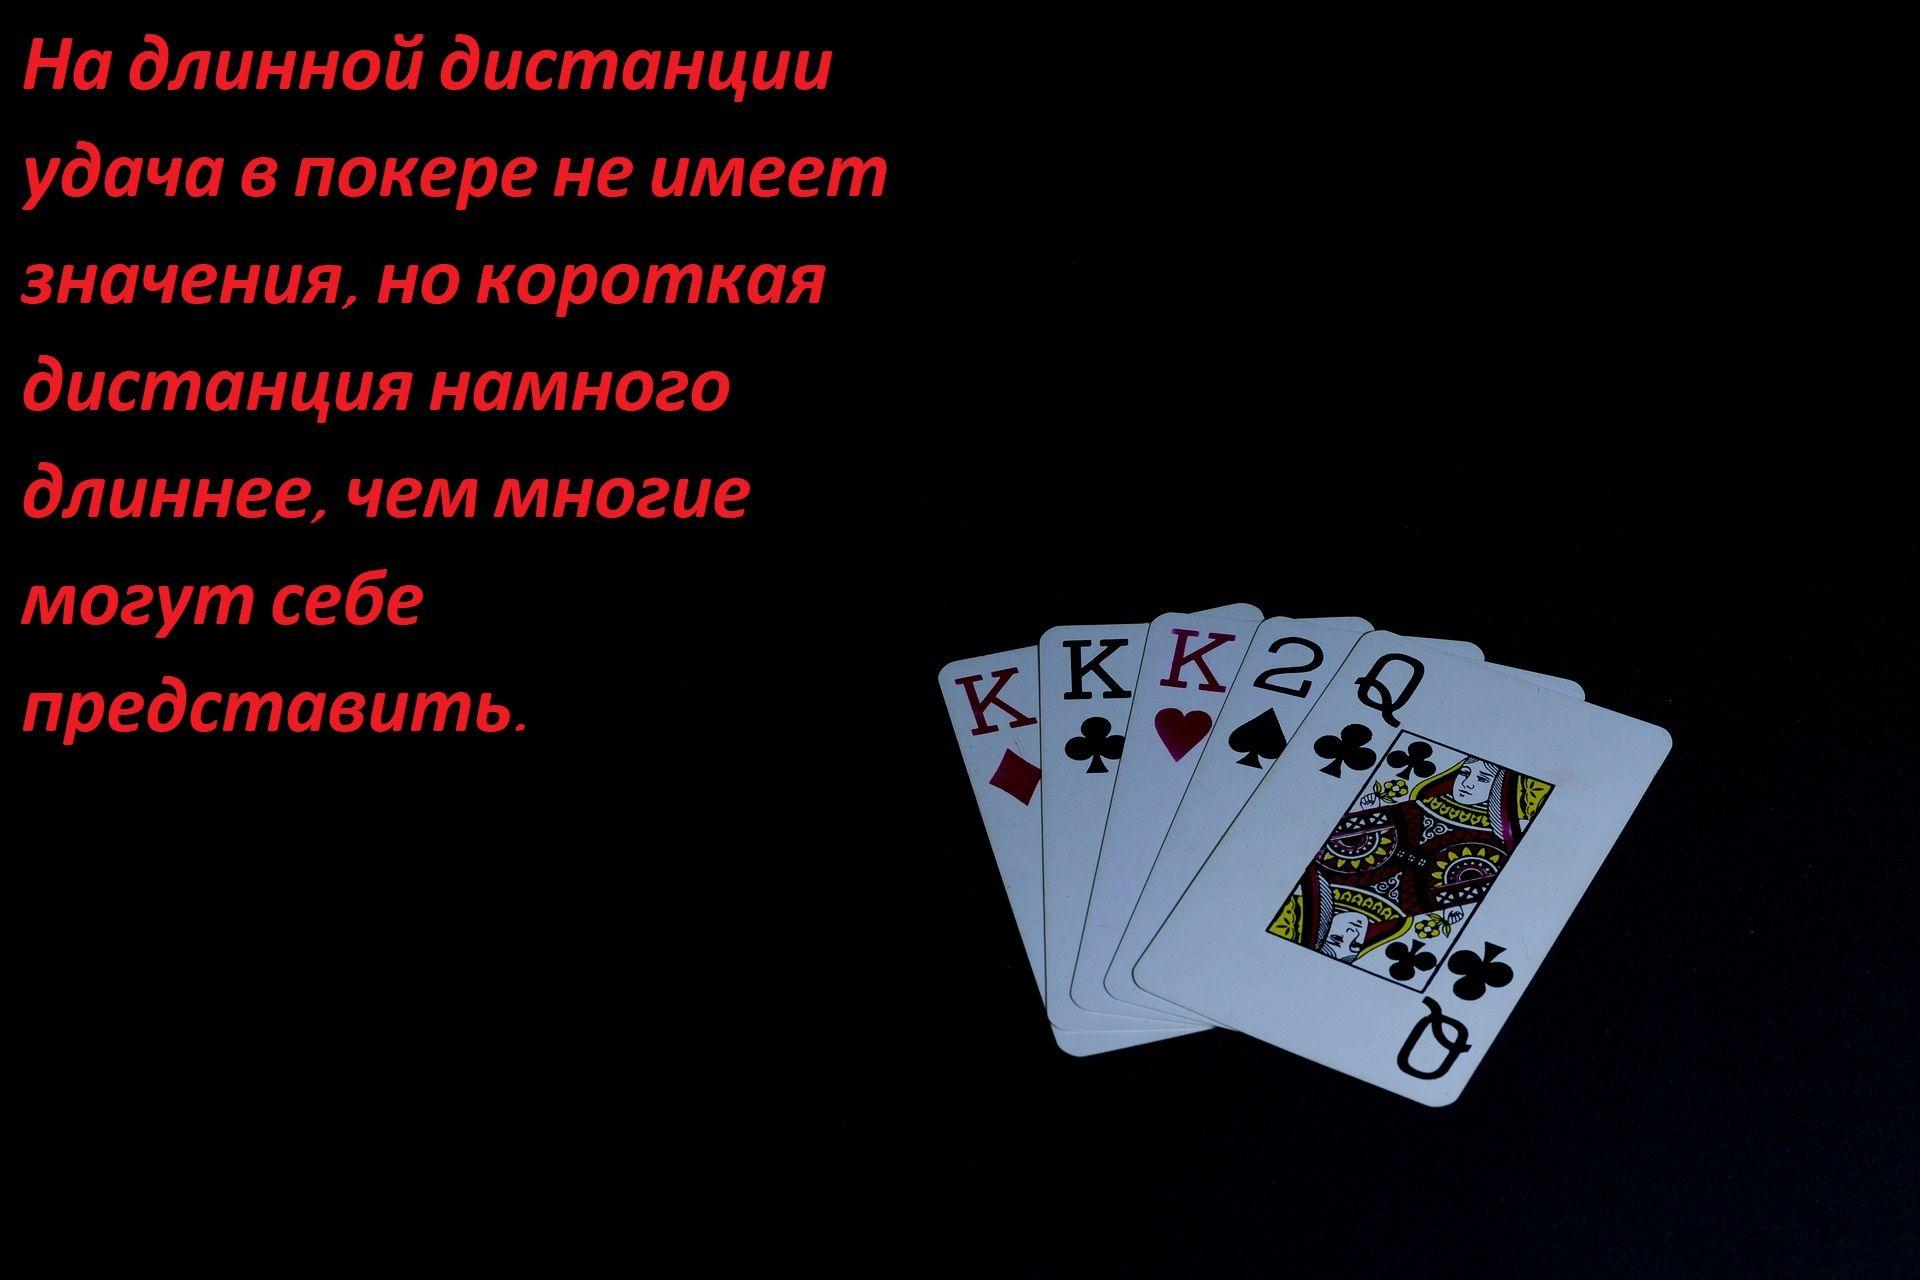 poker-2376676_1920.jpg